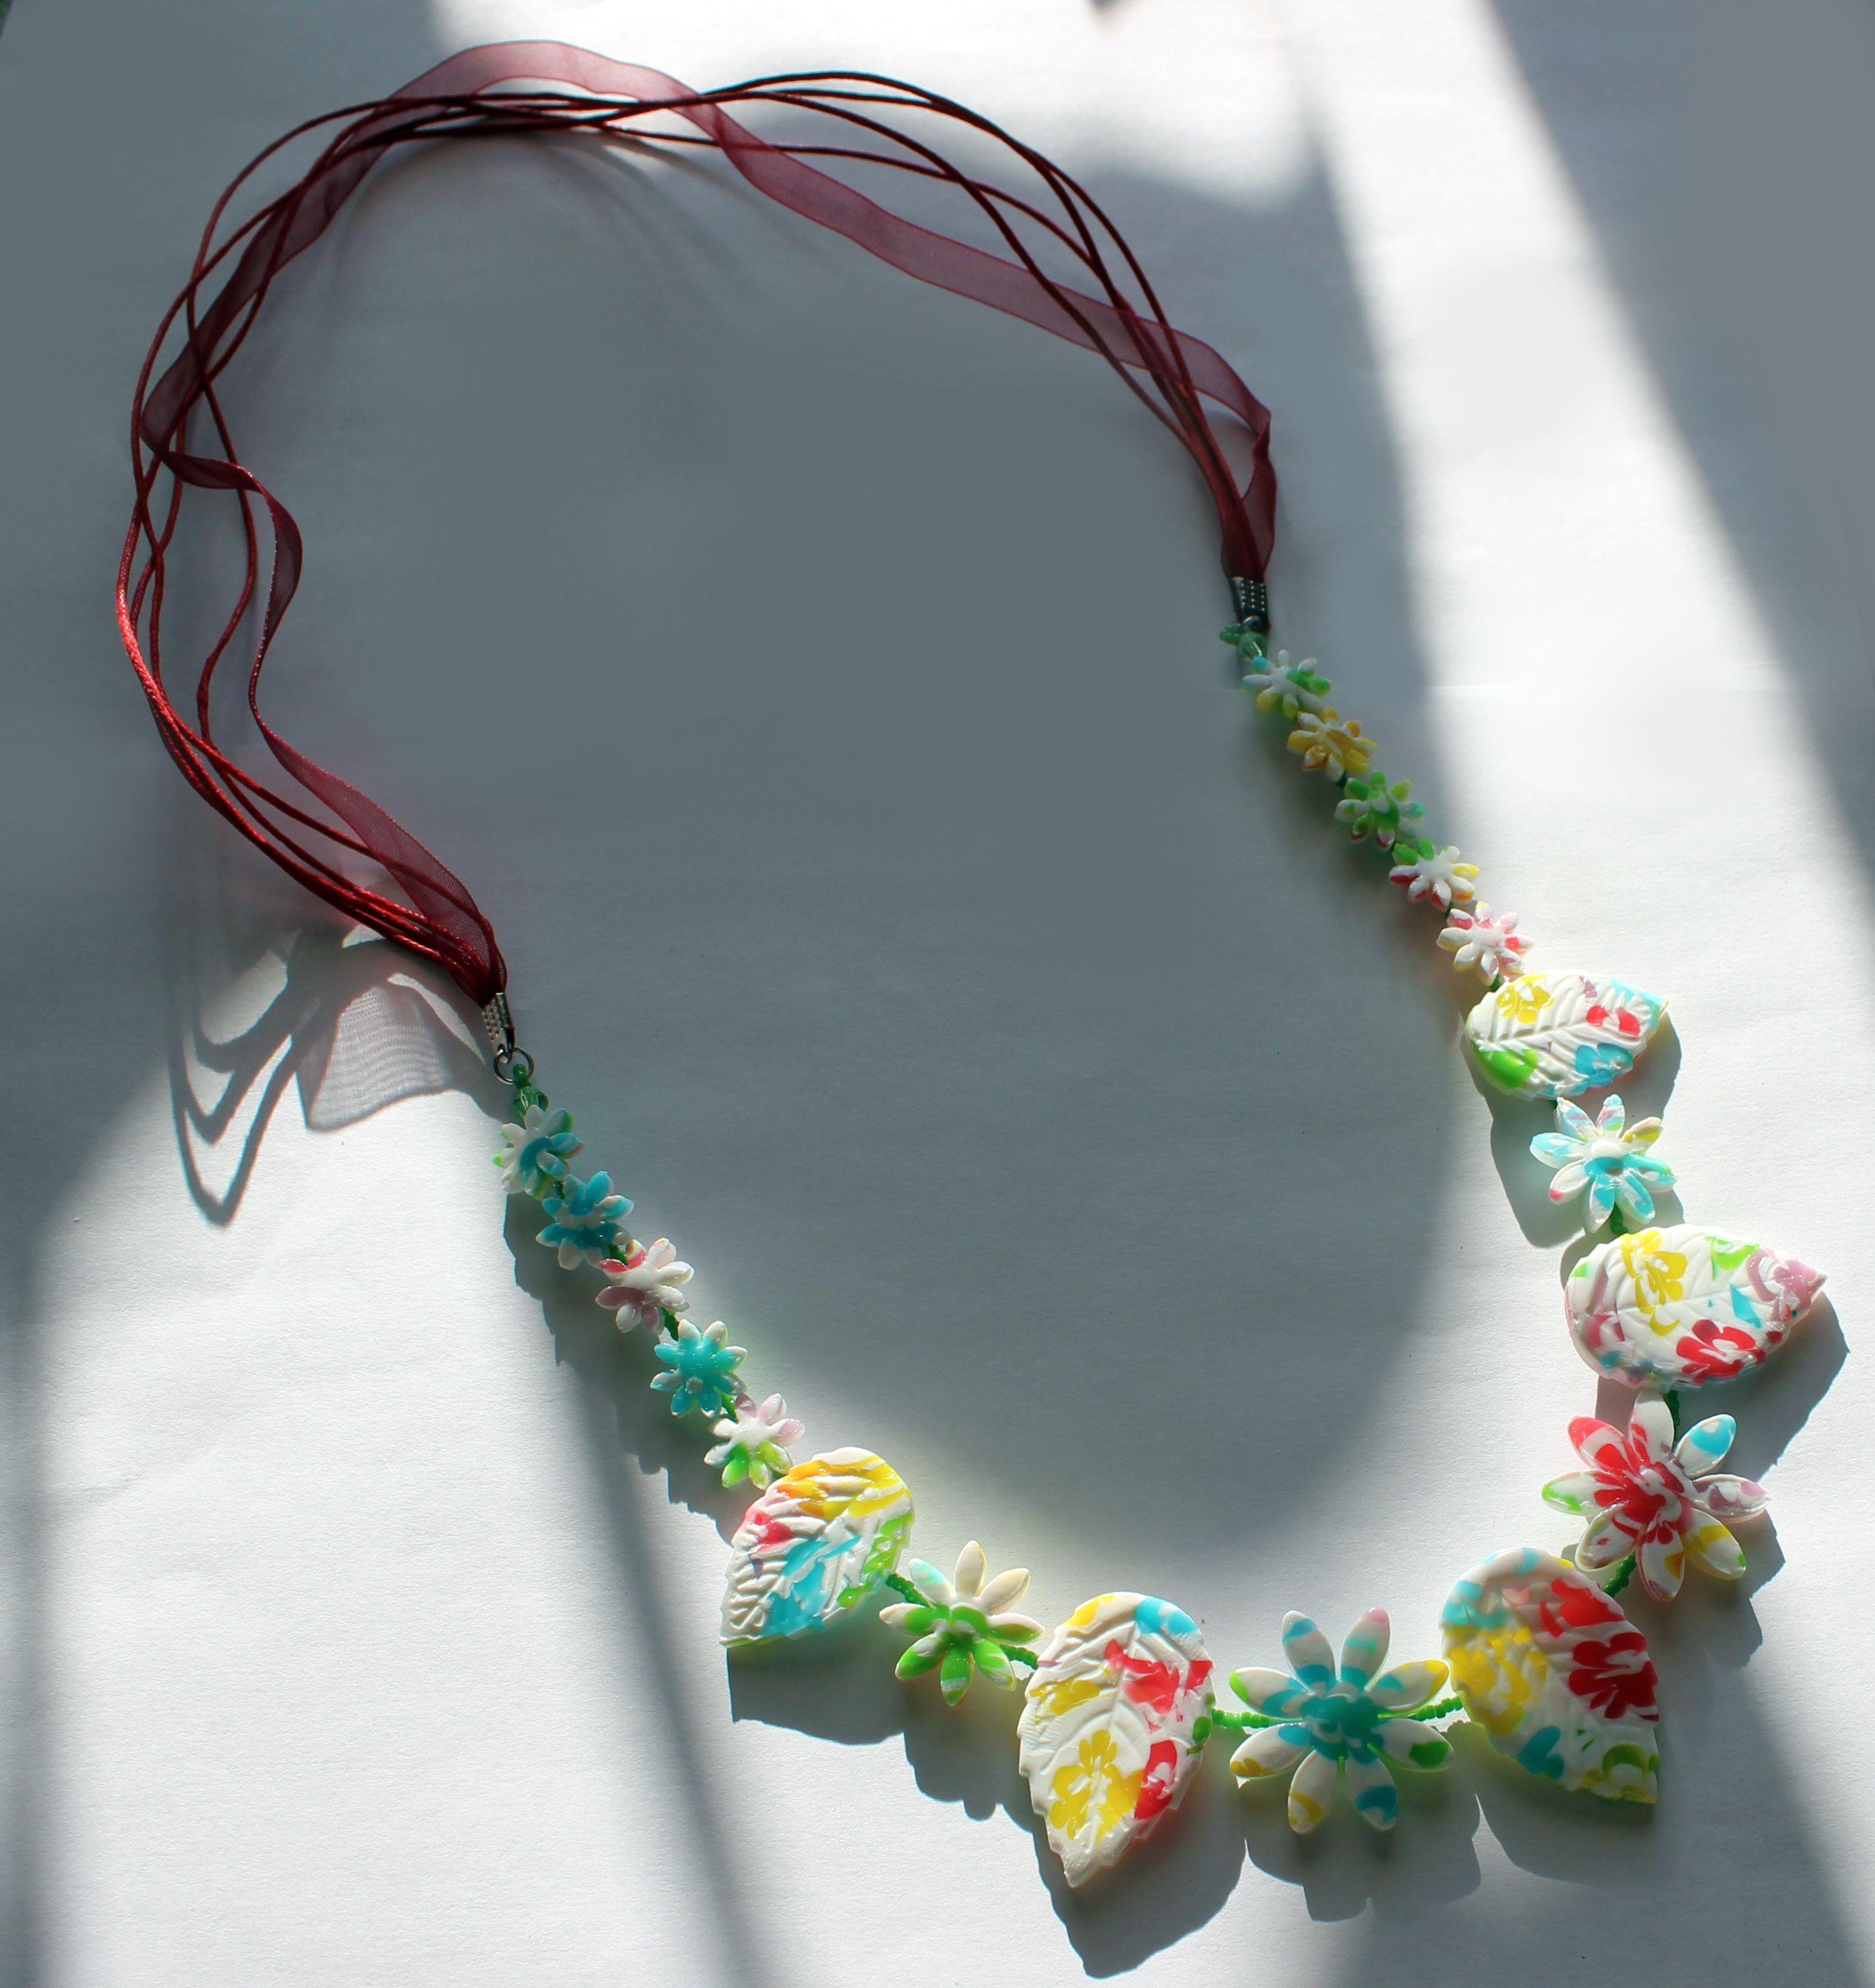 глина прозрачные украшения яркие бусы бижутерия колье разноцветные ожерелье